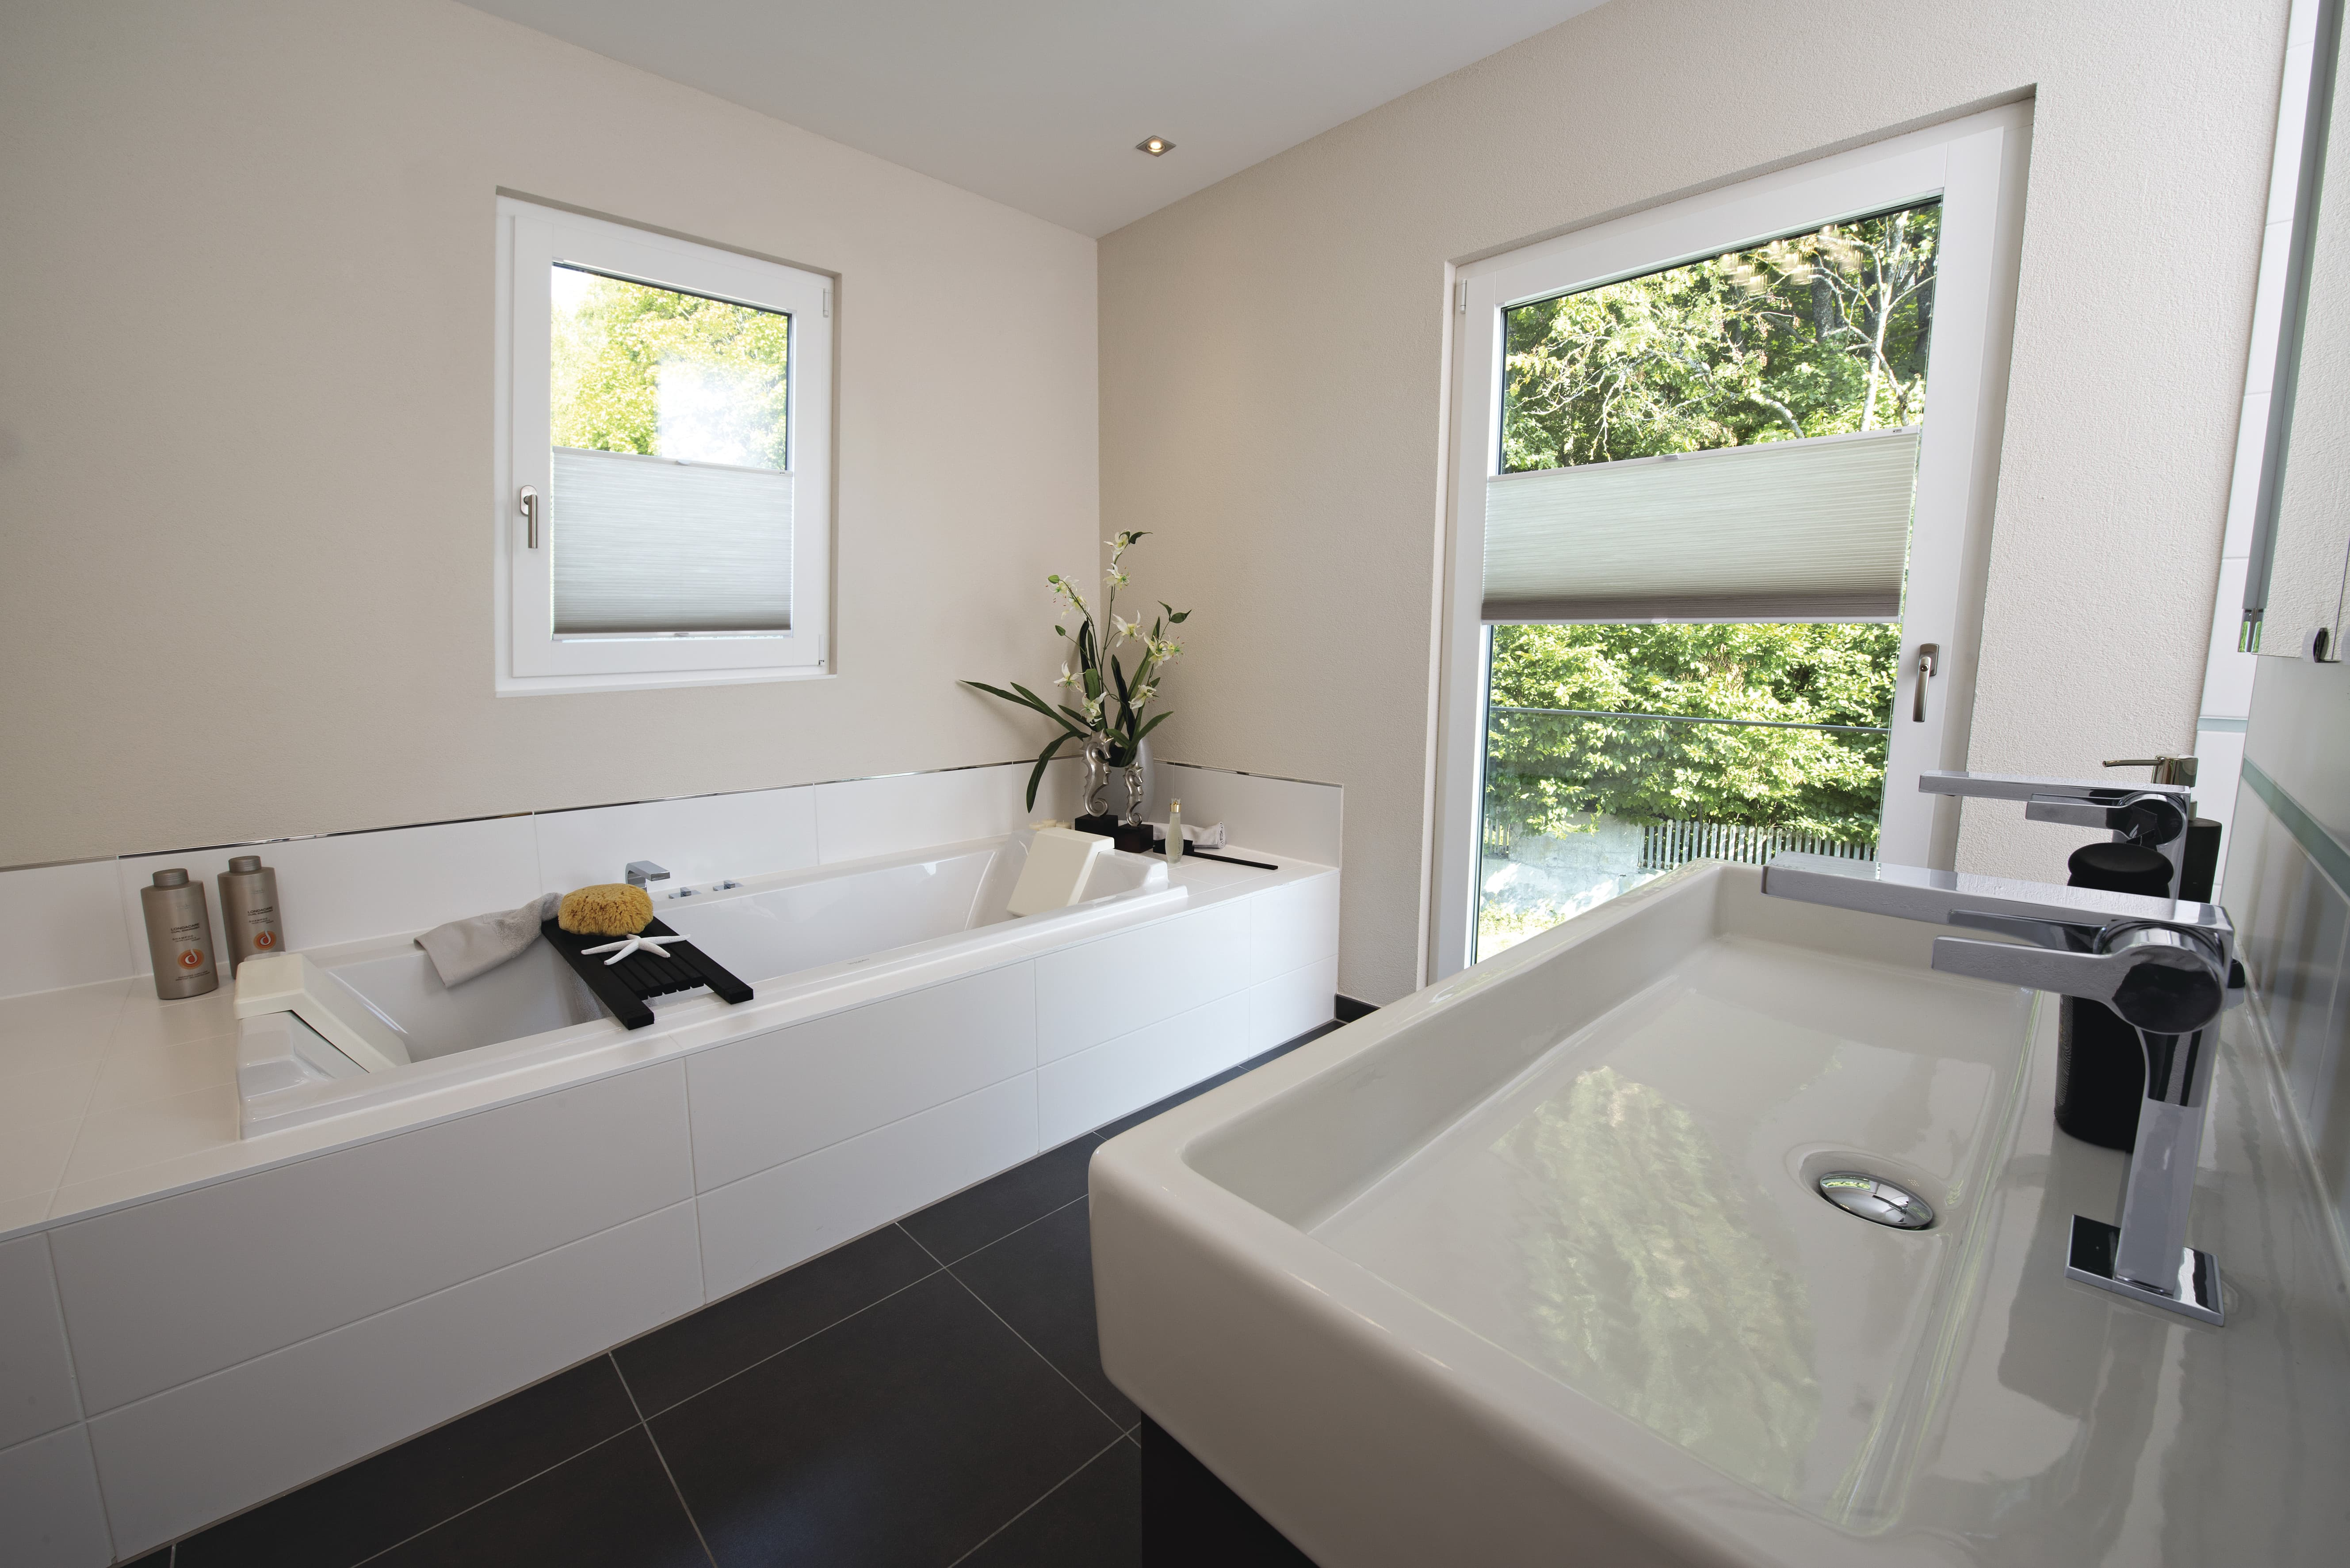 weberhaus musterhaus villingen schwenningen. Black Bedroom Furniture Sets. Home Design Ideas